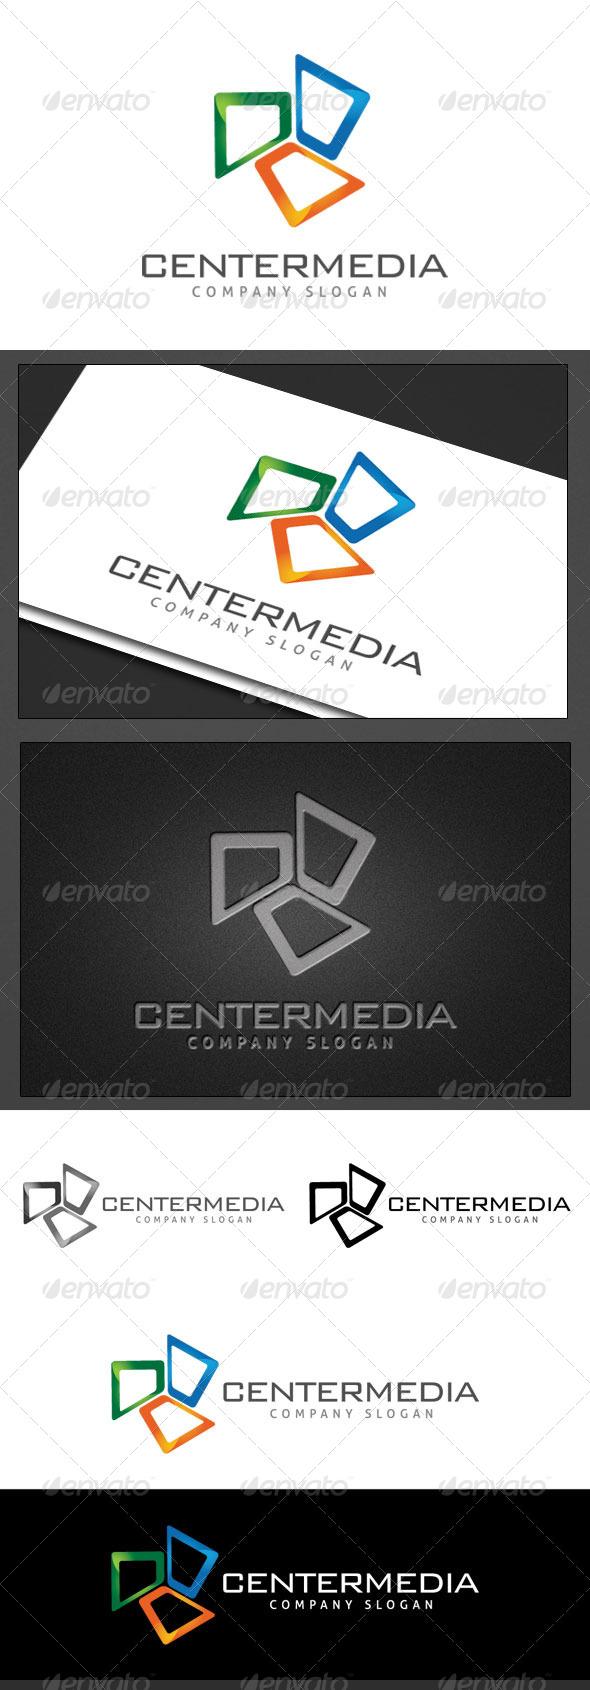 Center Media